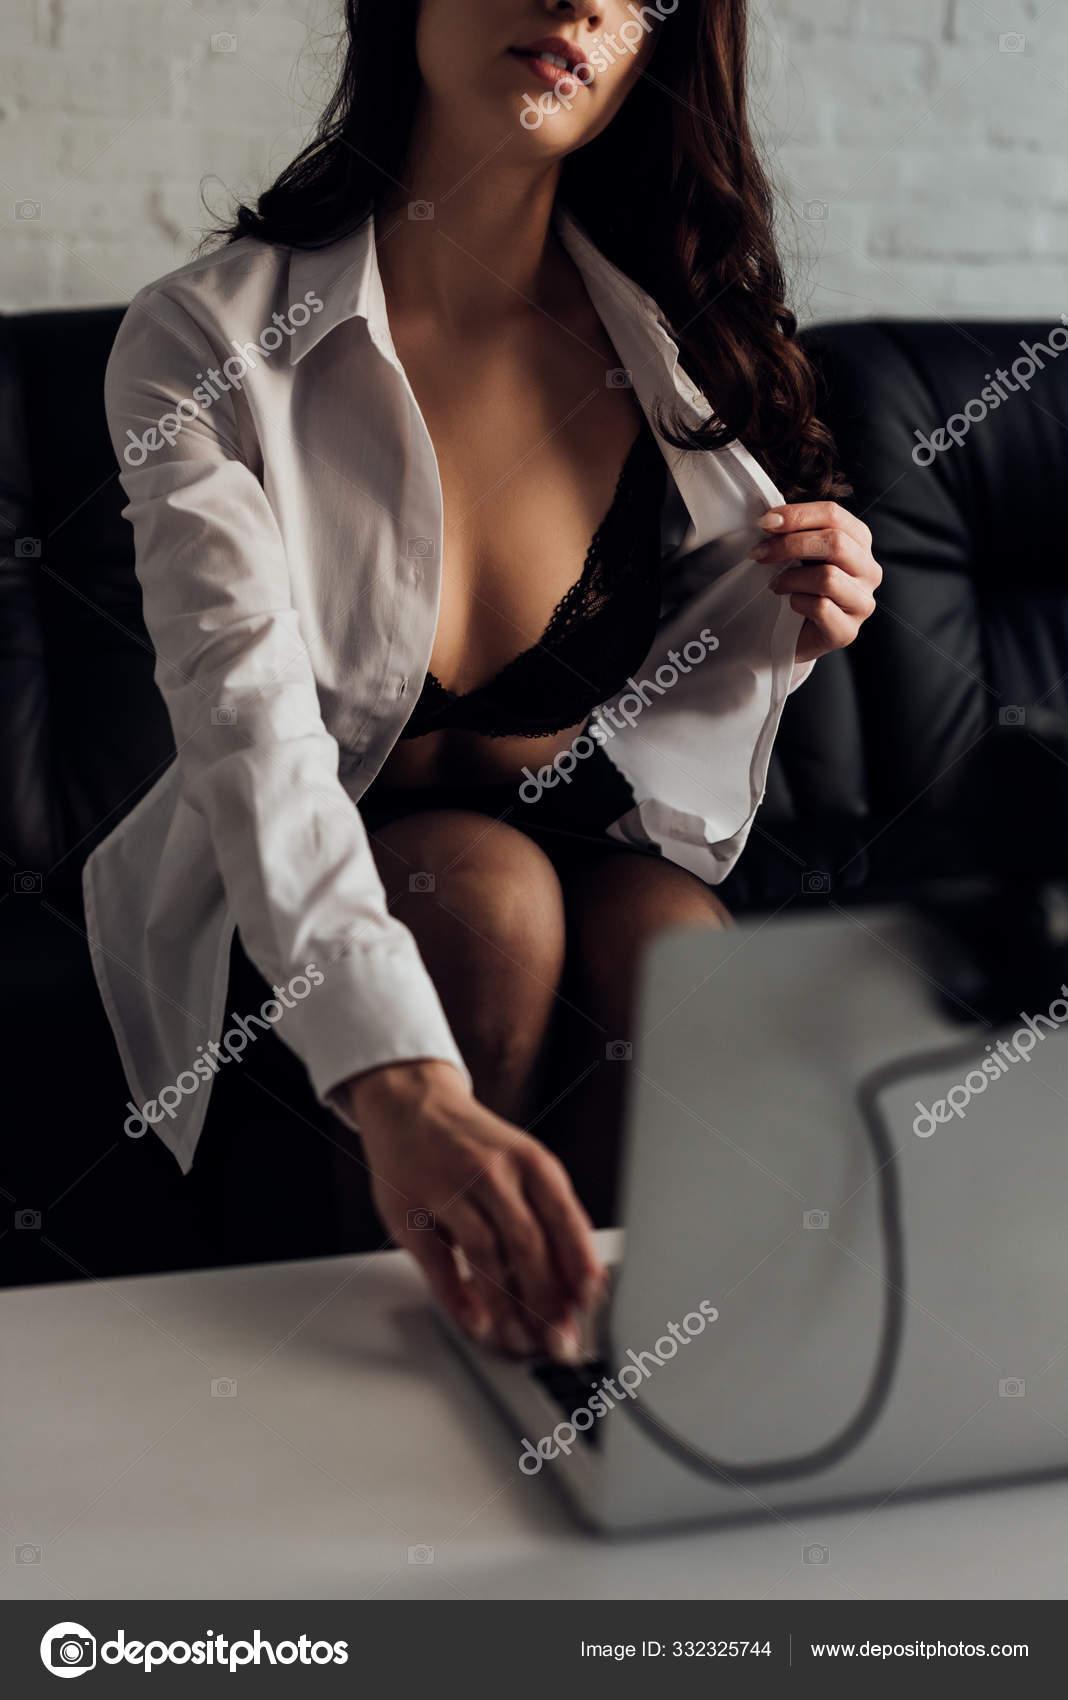 Просмотр веб девушка модель i фото моделей мужчин в нижнем белье